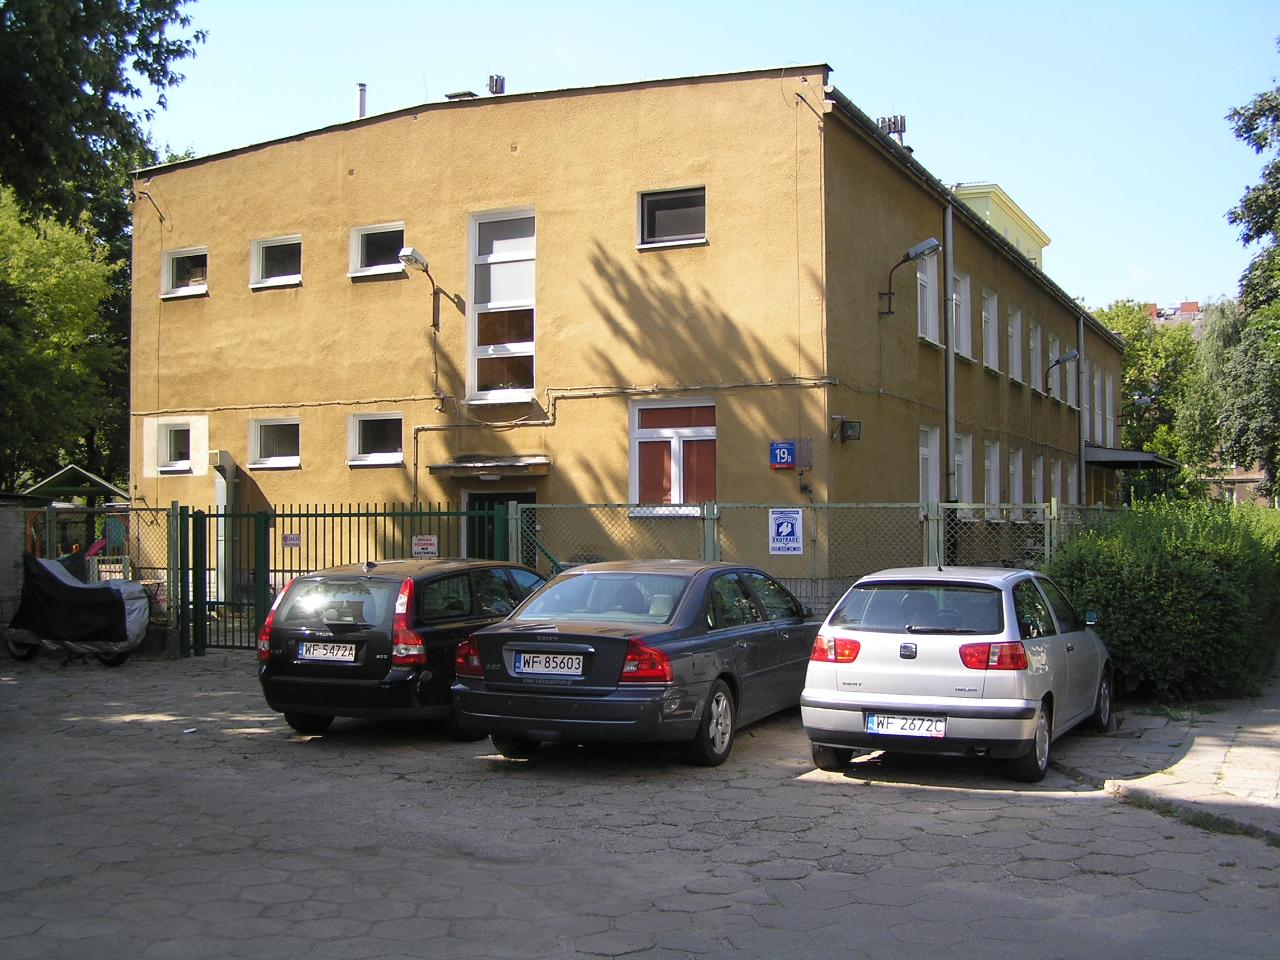 Budynek Przedszkola przy ulicy Siennickiej 19B na Grochowie